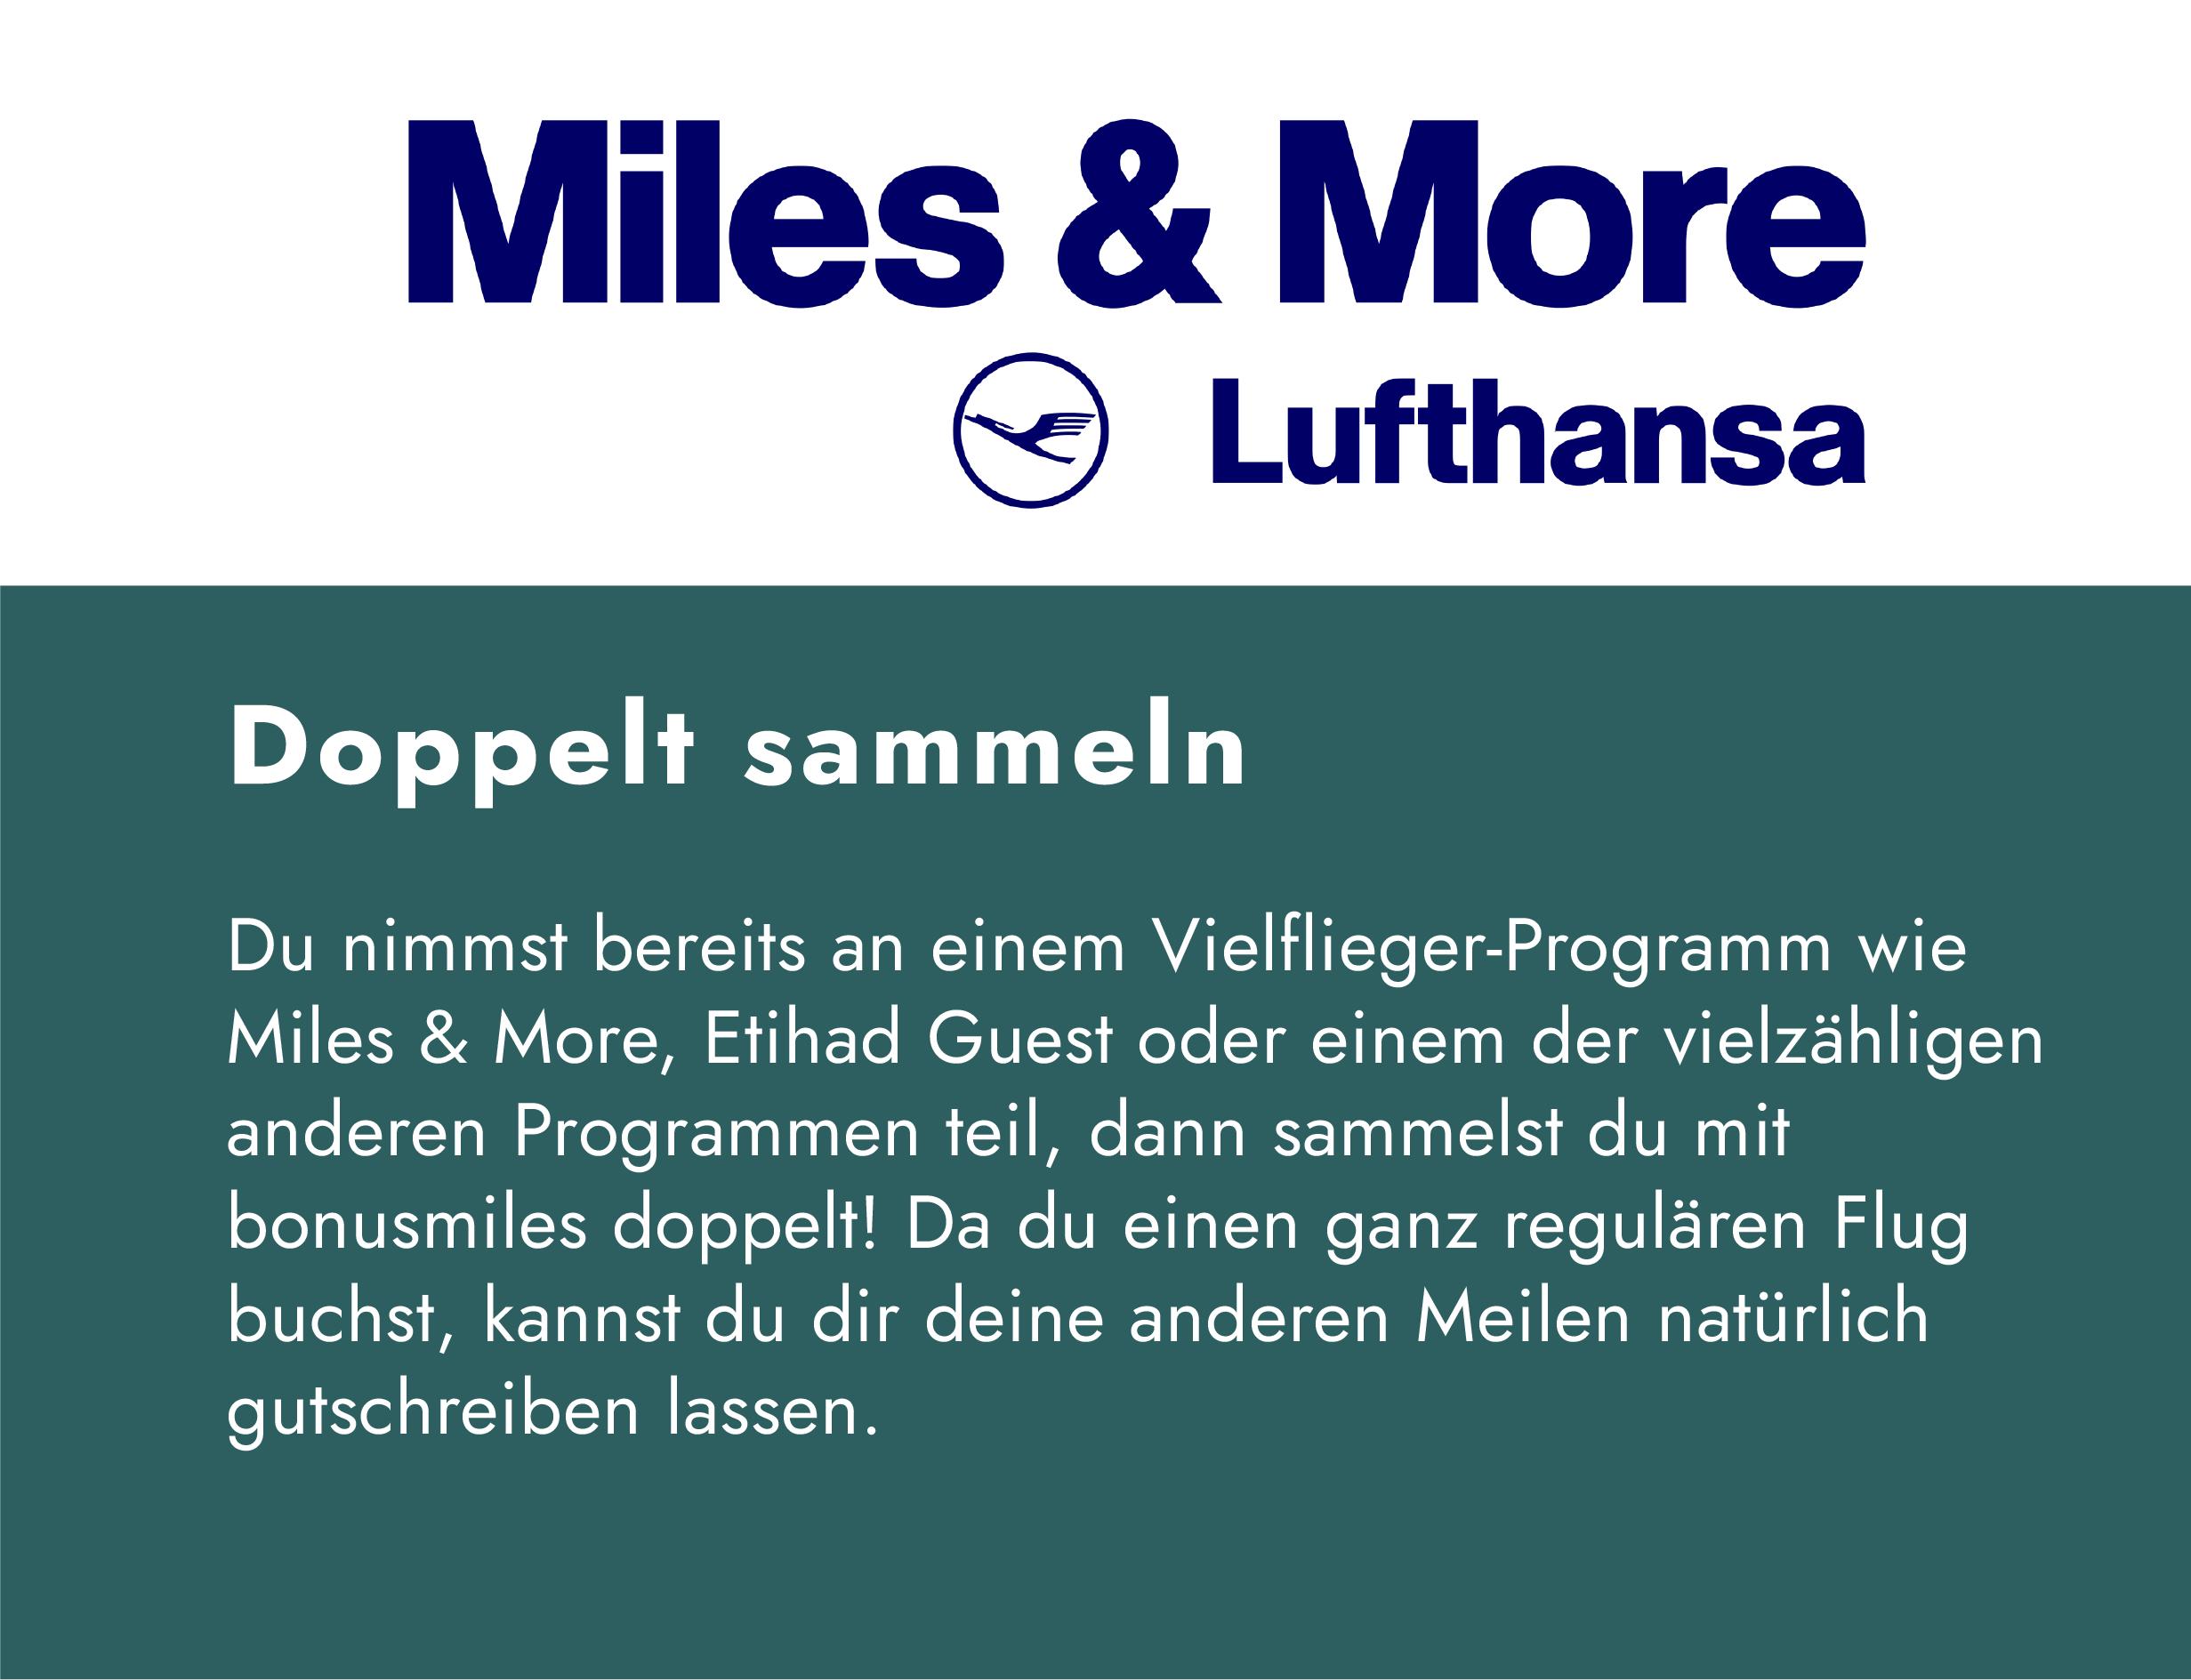 Vielflieger sammeln doppelt Punkte |Miles & More der Lufthansa und bonusmiles